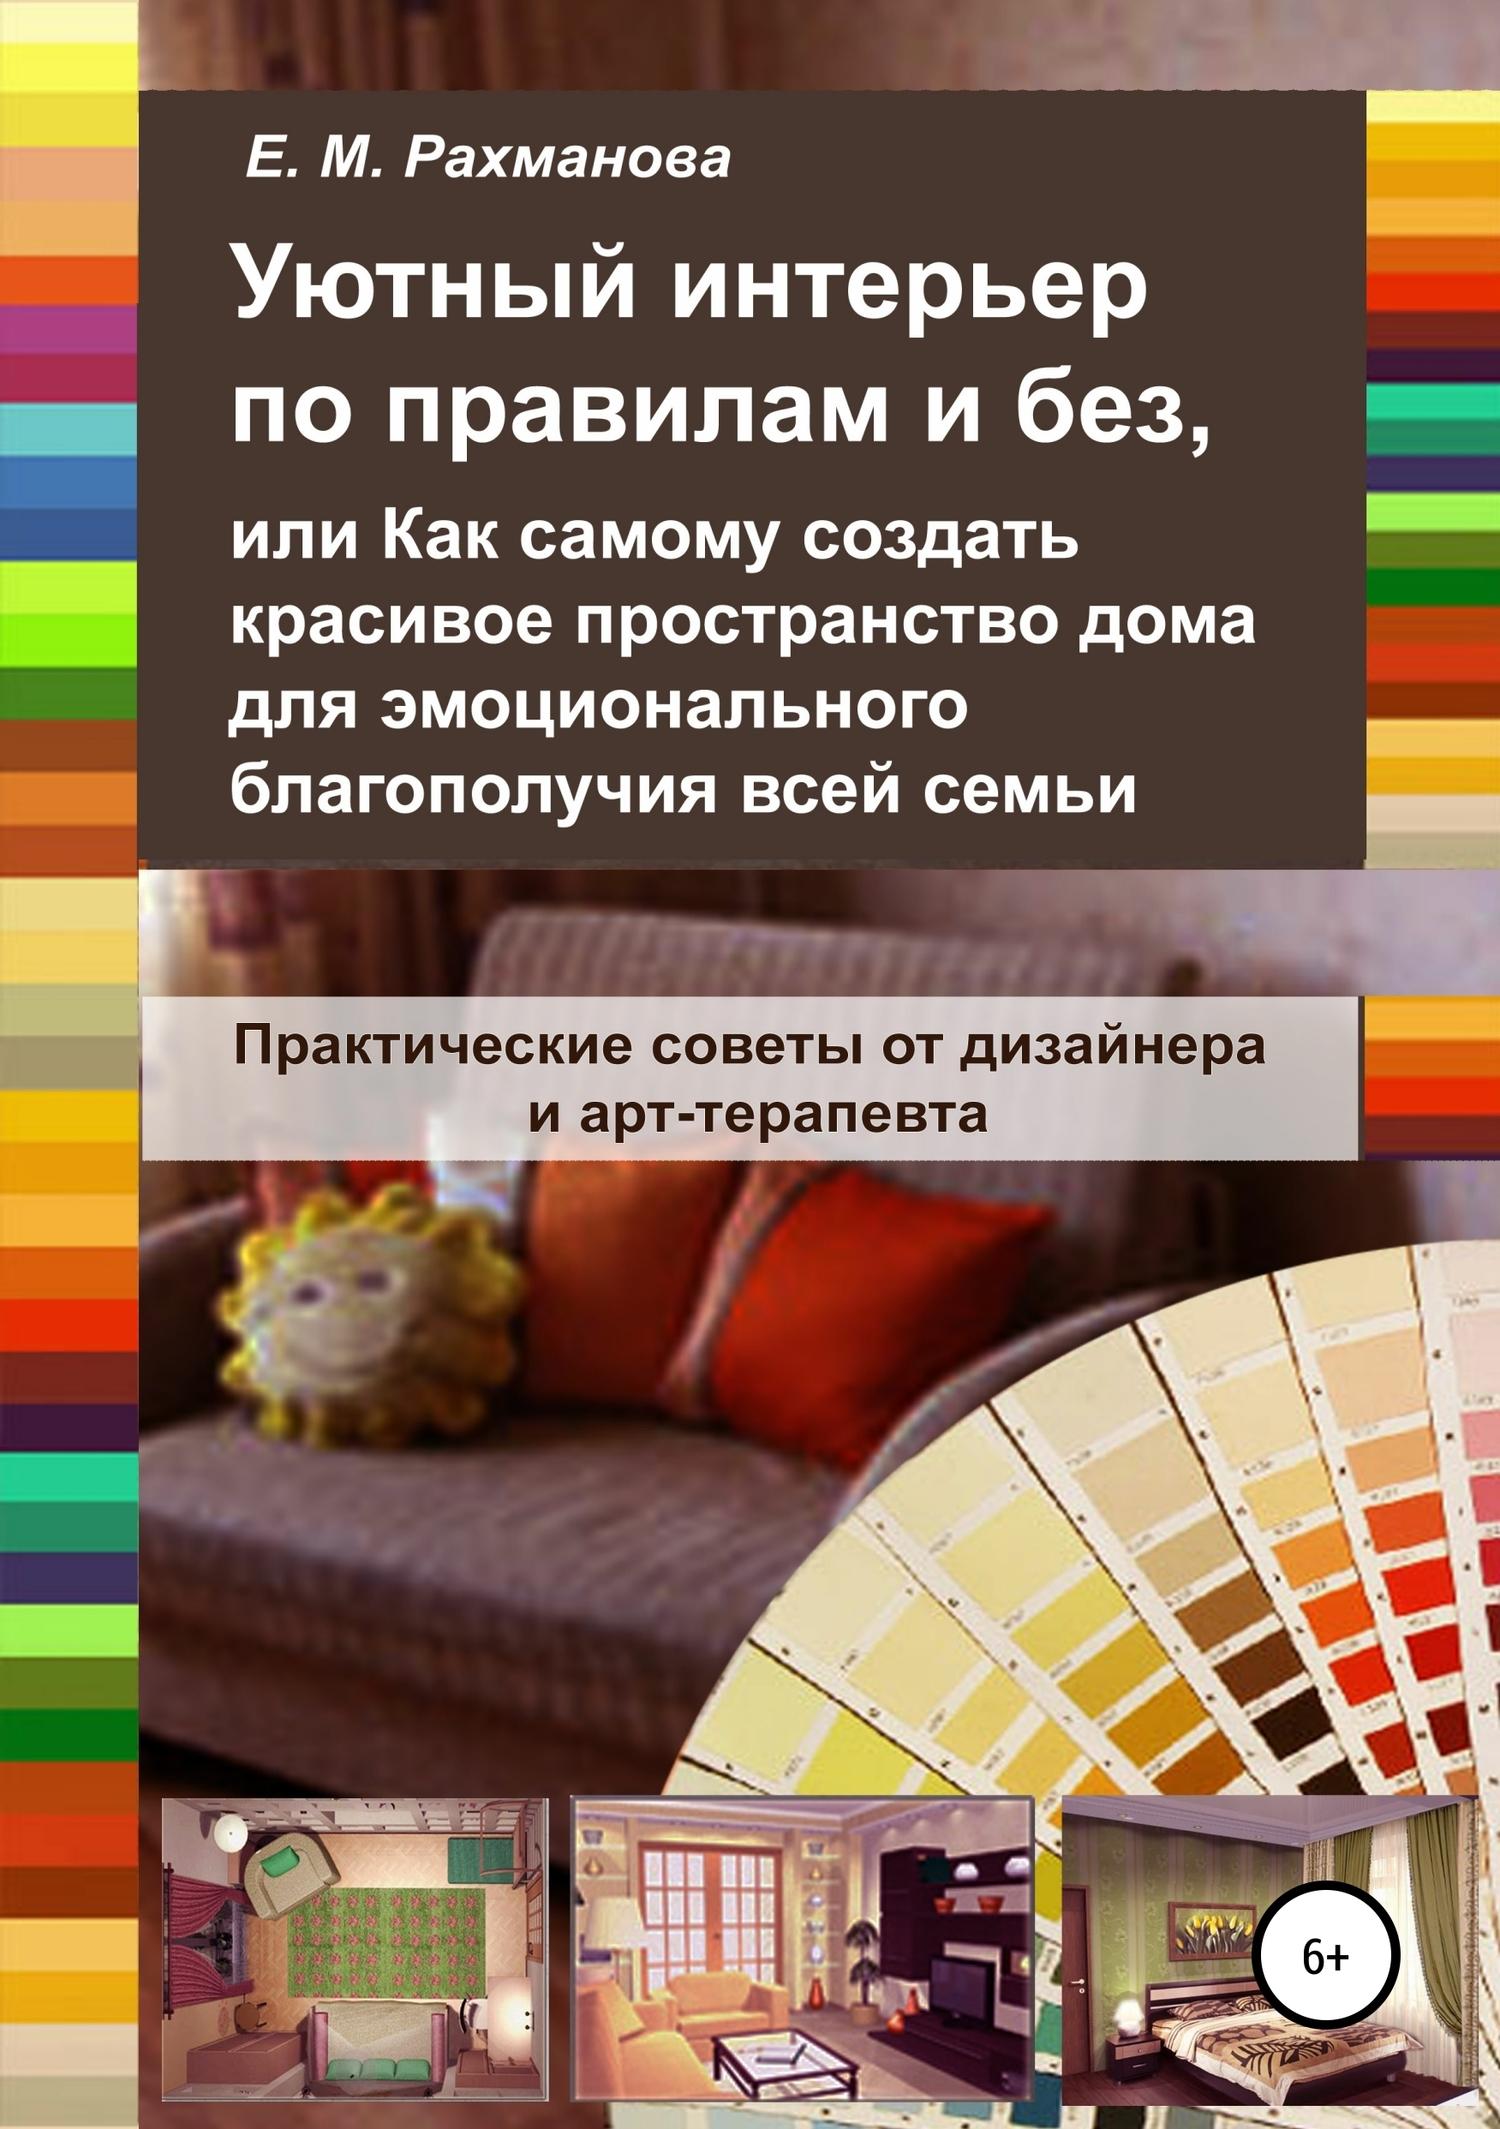 Дизайн дома для счастливой жизни, или Как создать идеальное пространство для эмоционального благополучия всей семьи